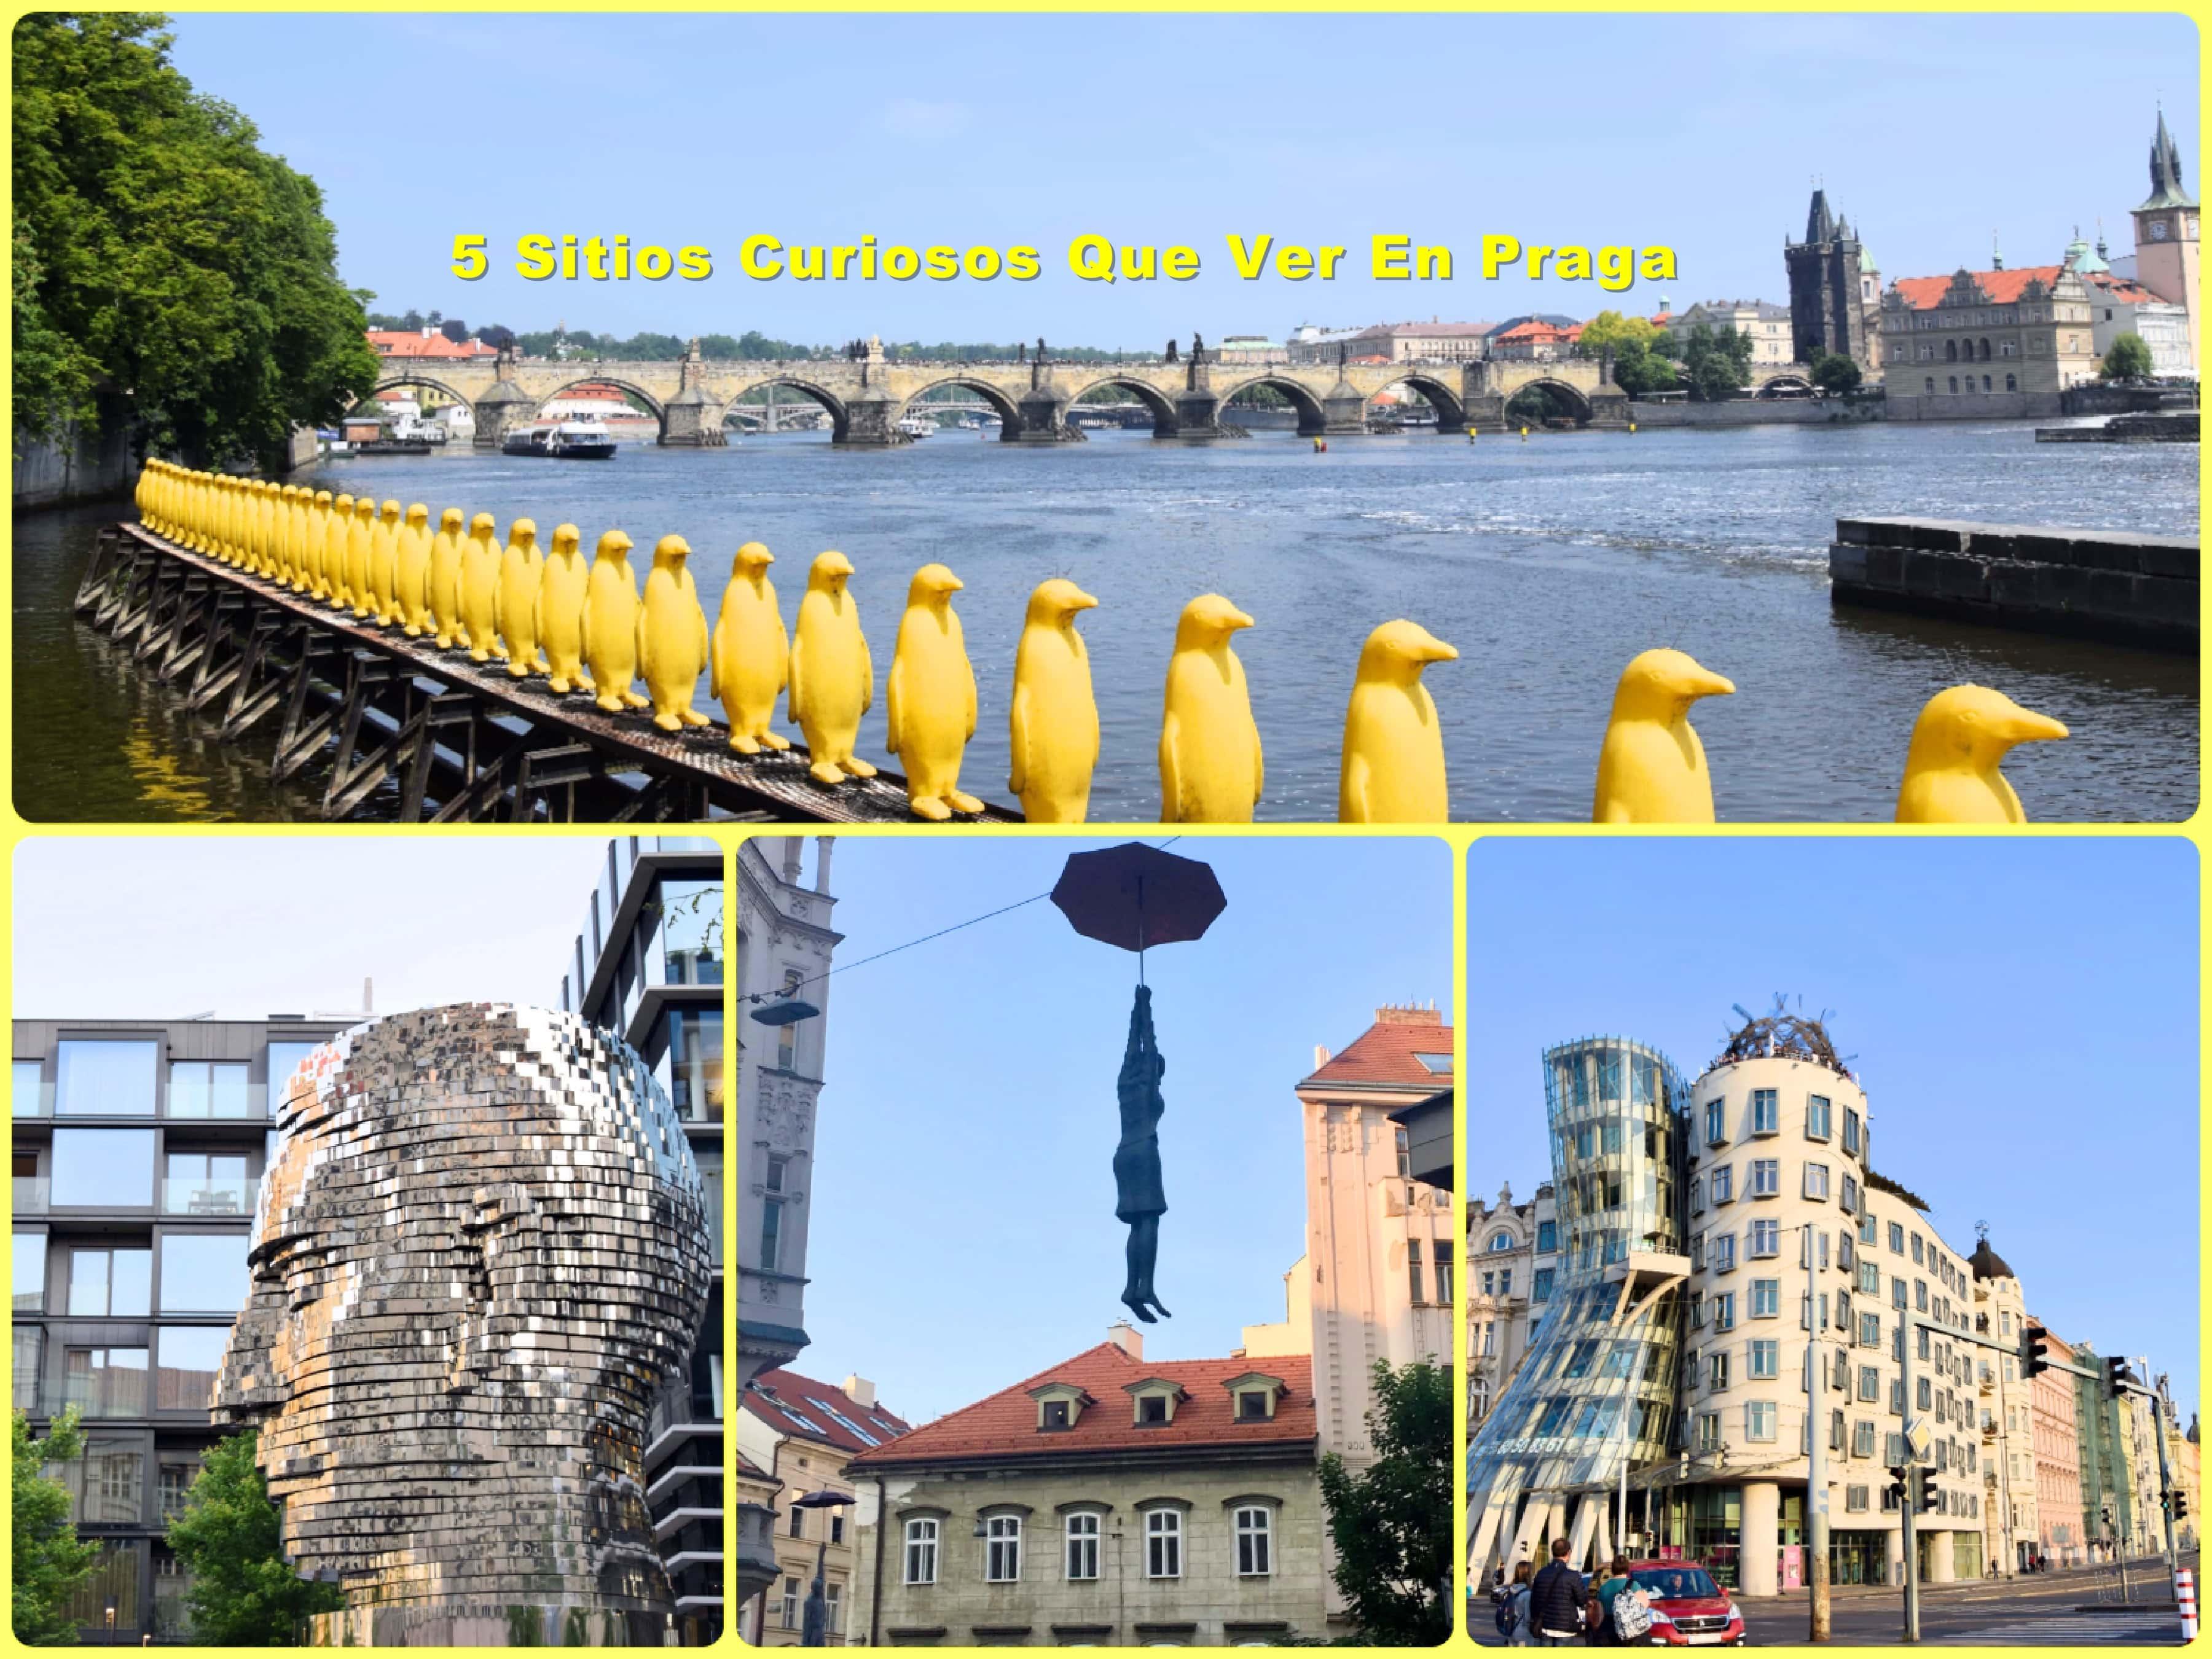 5 Sitios Curiosos Que Ver En Praga